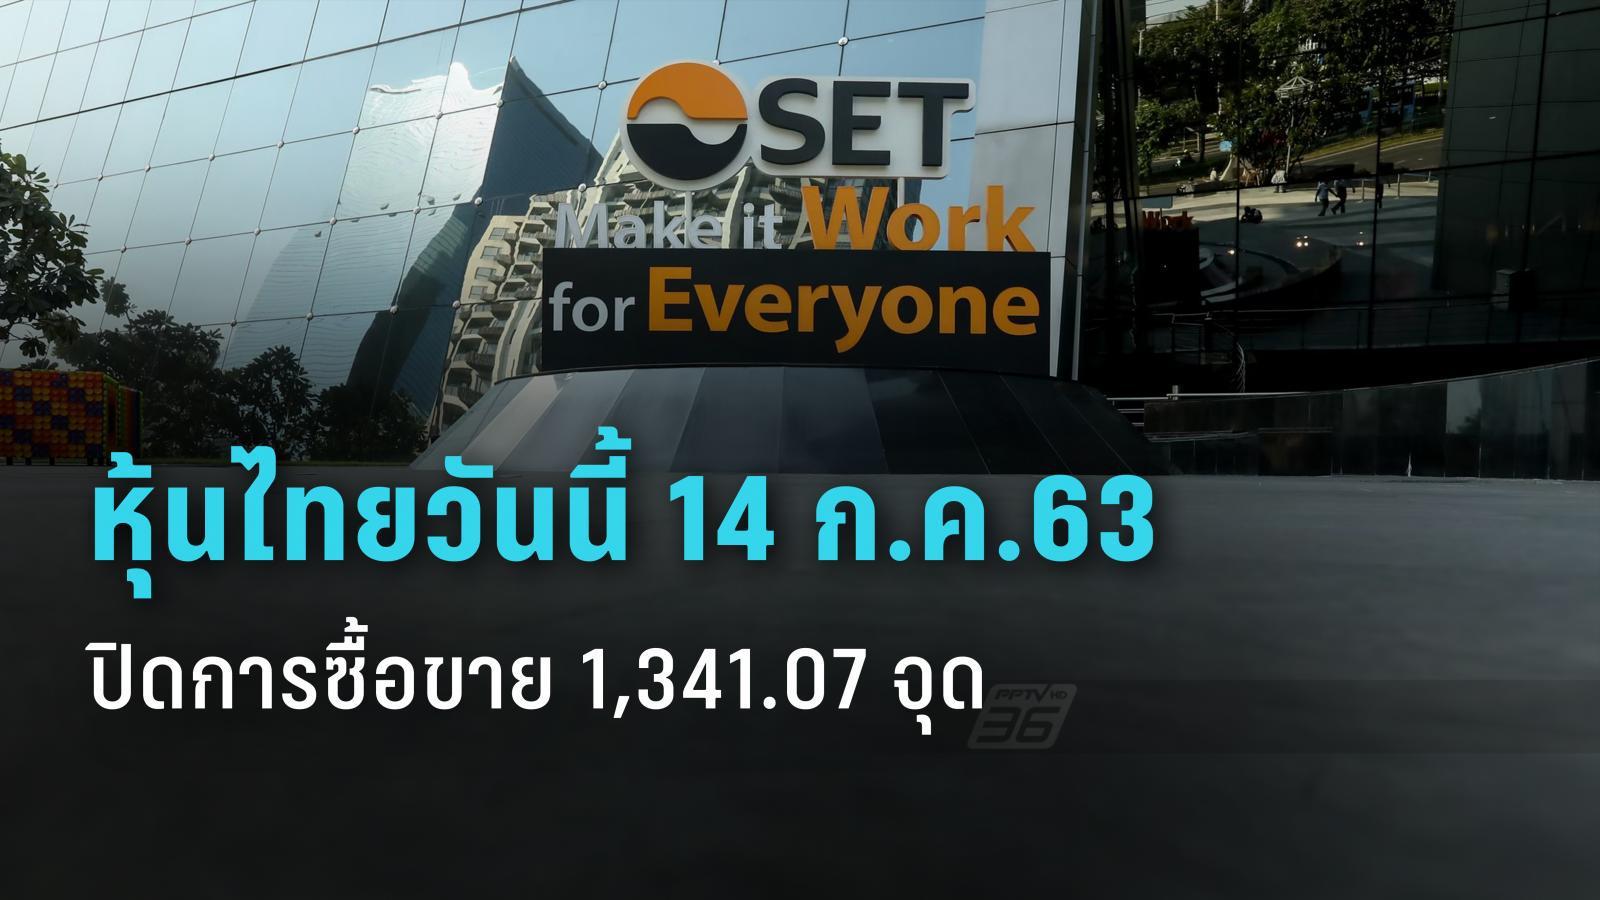 หุ้นไทย 14 ก.ค.63  ปิดการซื้อขาย ลดลง -1.30 จุด